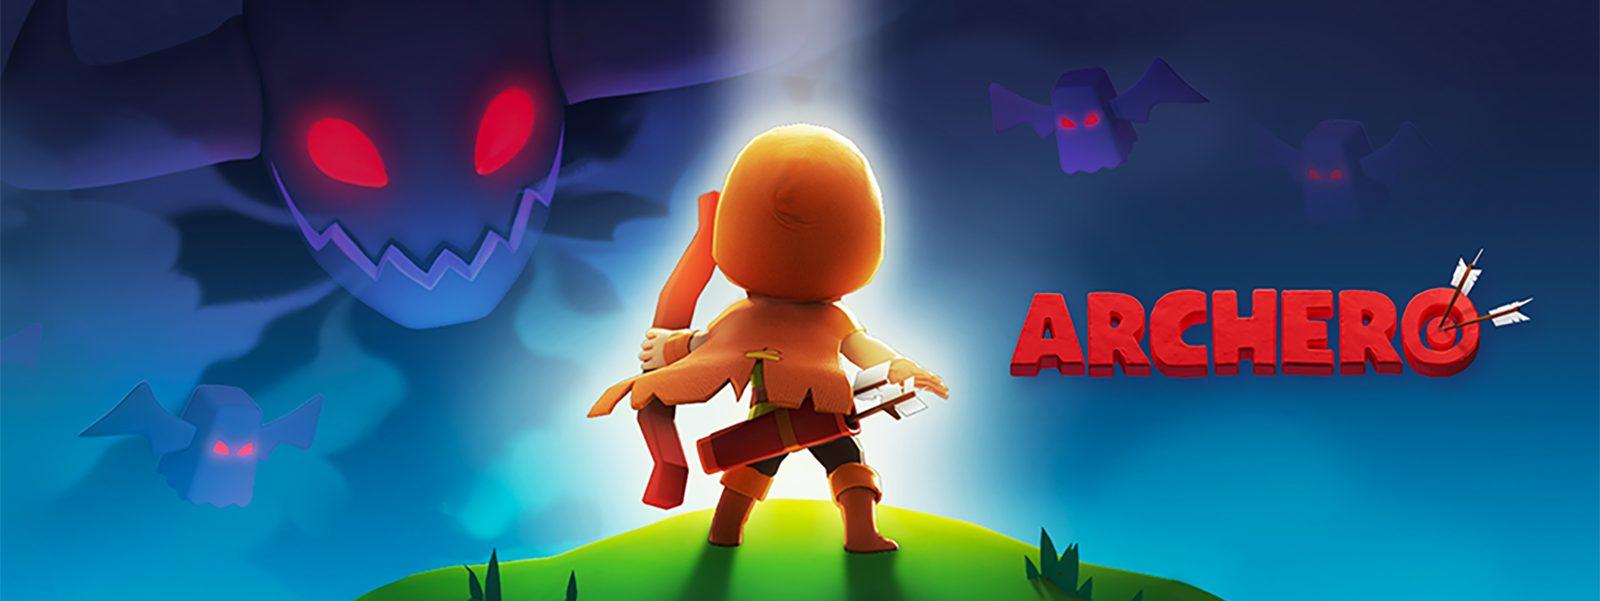 archero mod apk v1.1.7